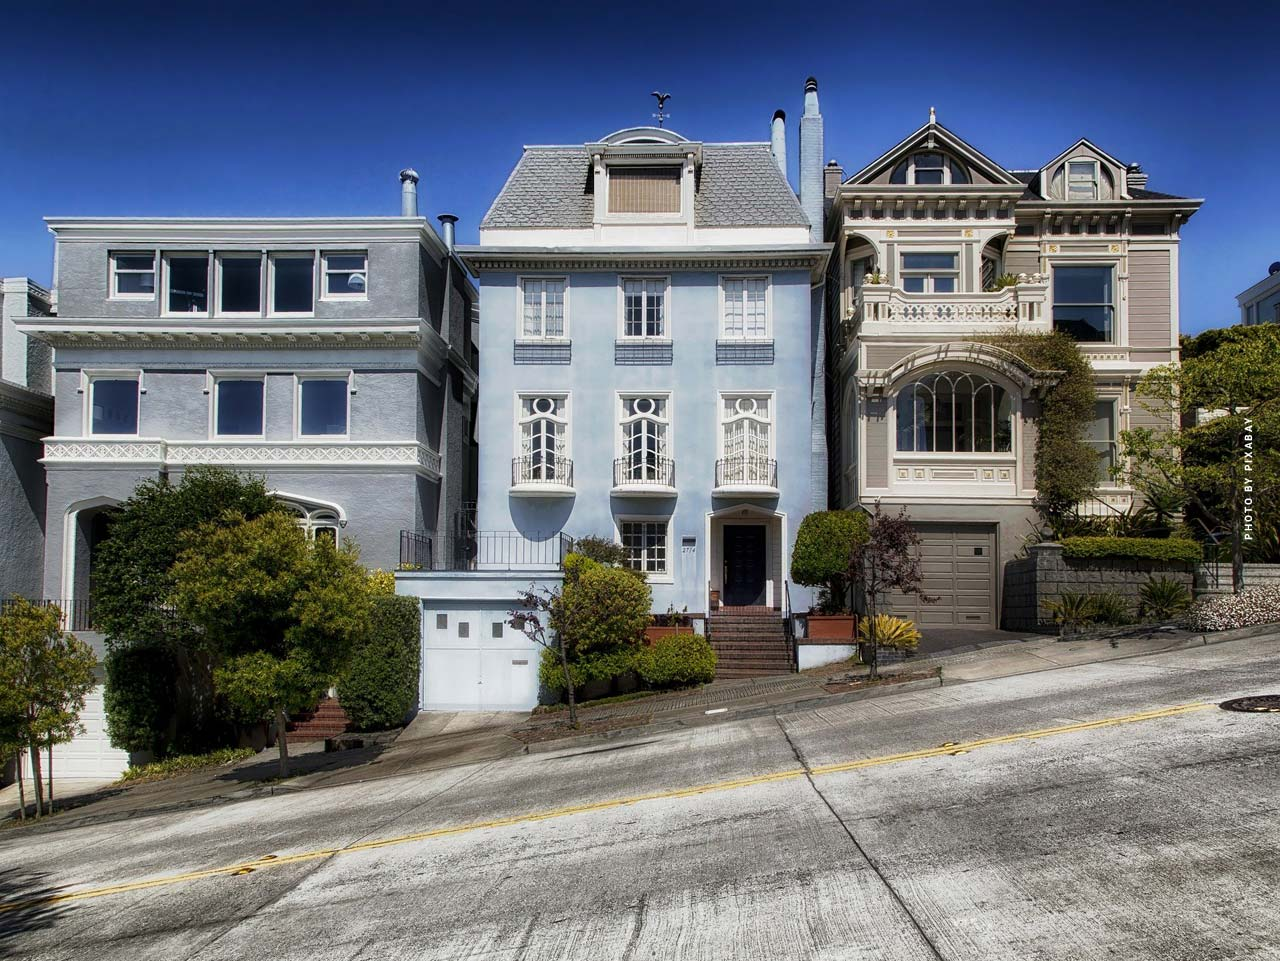 Luxus Immobilienmakler San Francisco: 300 m² Eigentumswohnung, Designer-Häuser und Stadtvilla